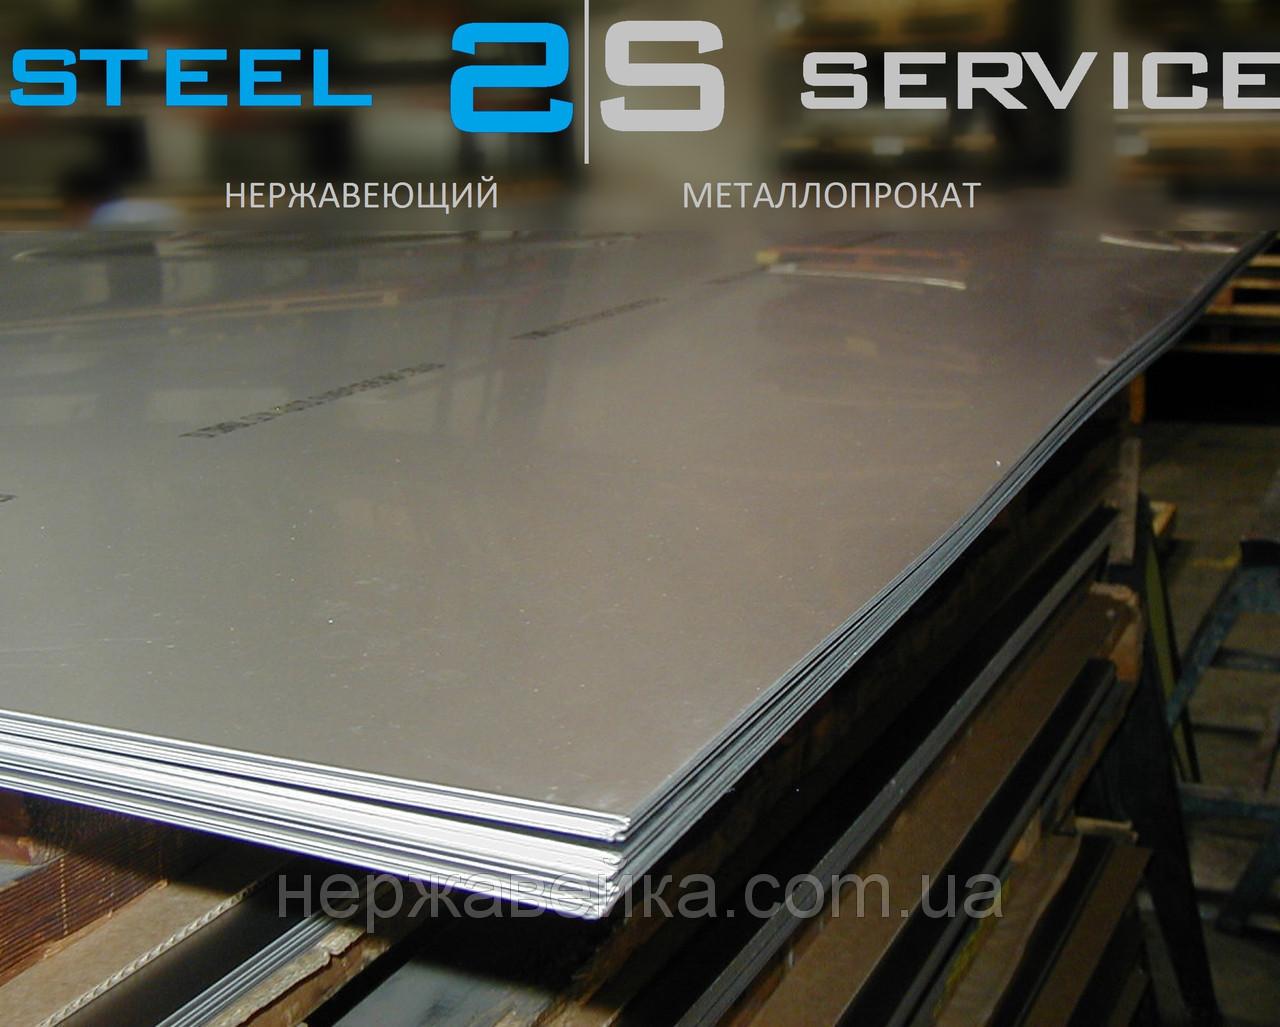 Нержавейка лист 1х1250х2500мм  AISI 304(08Х18Н10) 4N - шлифованный,  пищевой